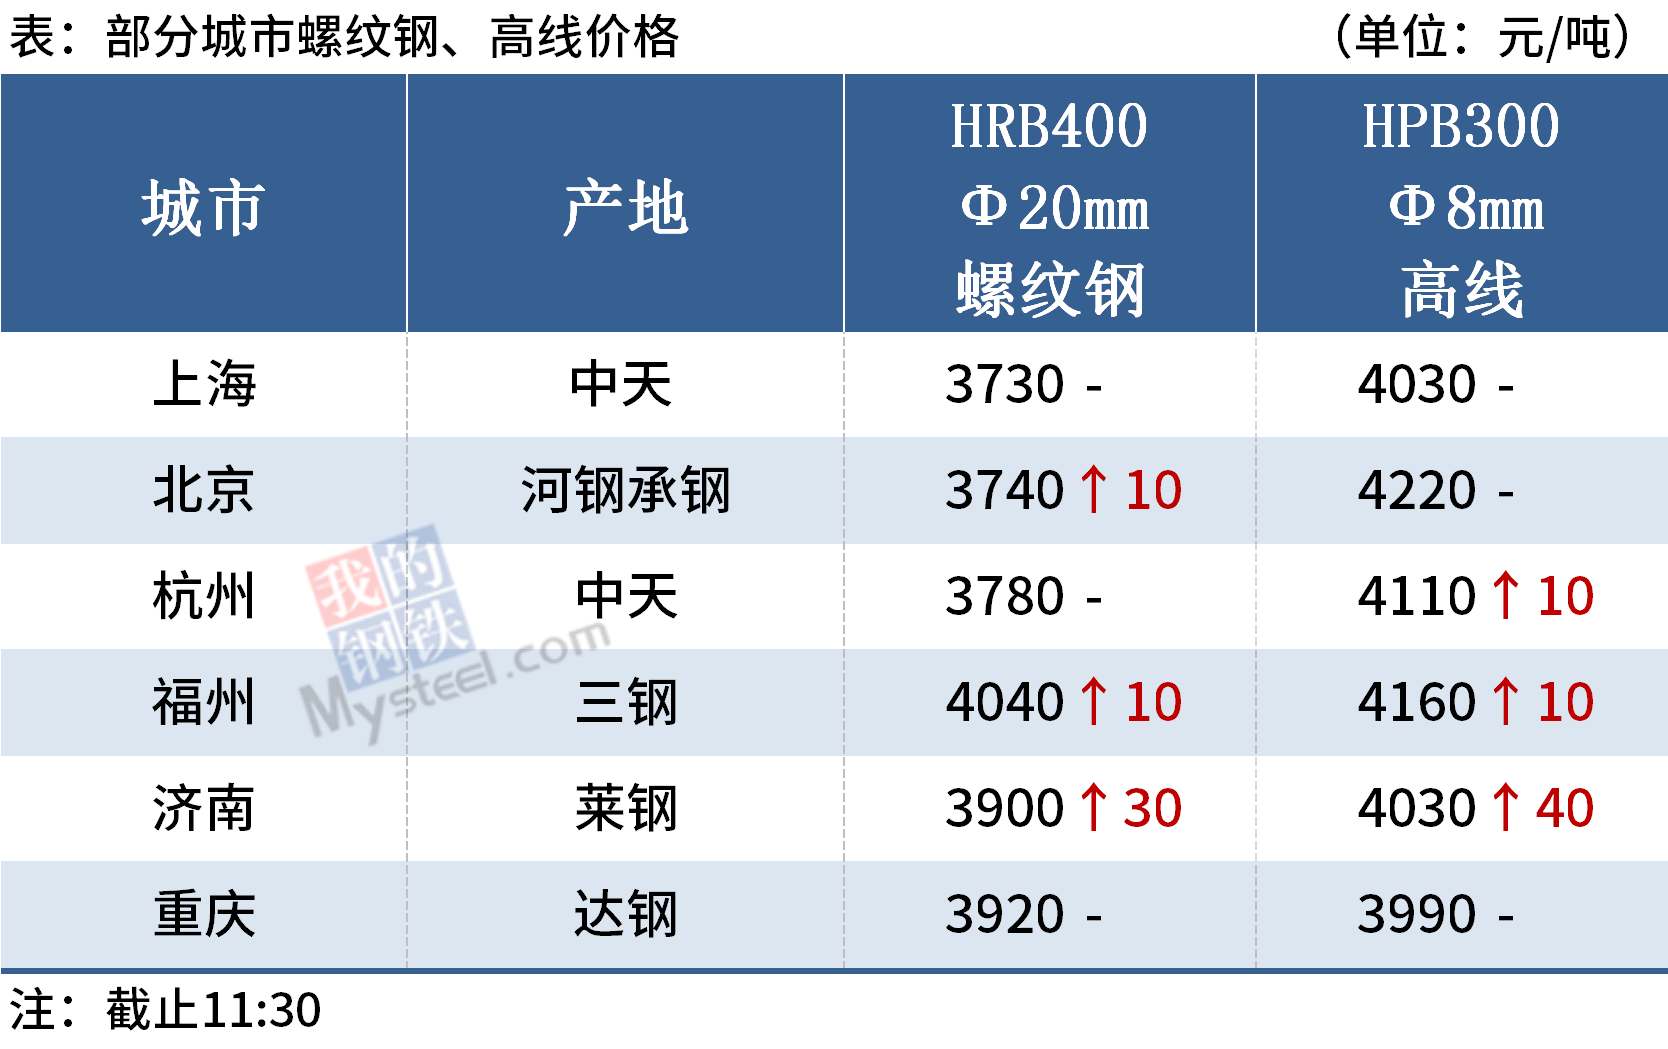 Mysteel午报:钢价稳中有涨,京唐港铁矿石报价960